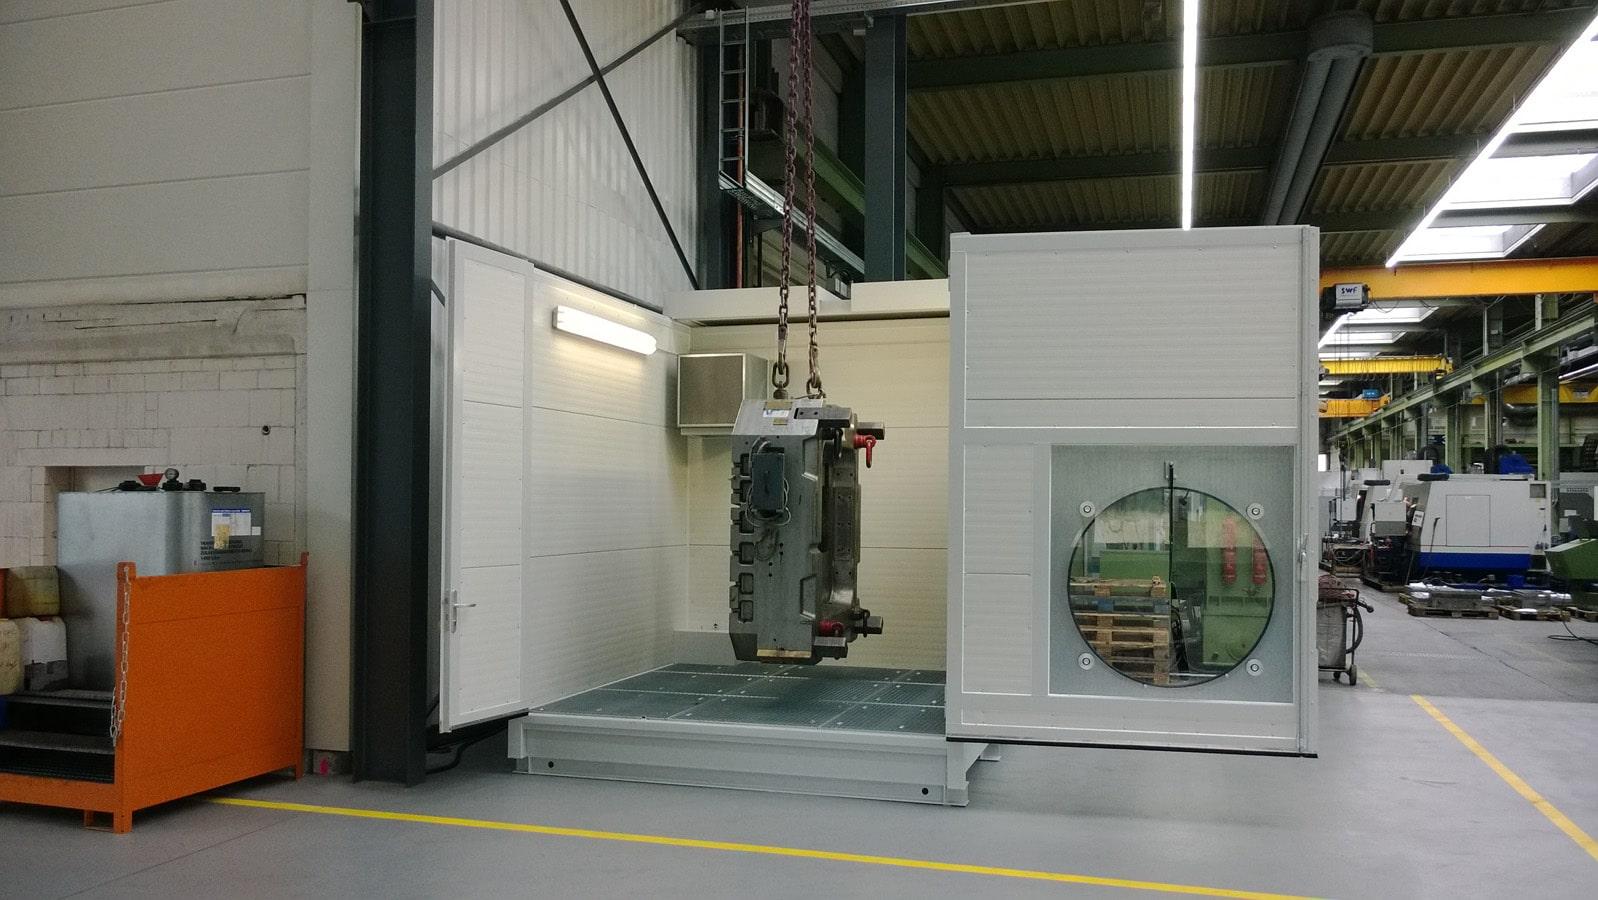 mobiler Waschplatz mit geöffnetem Dach und geöffneter Tür